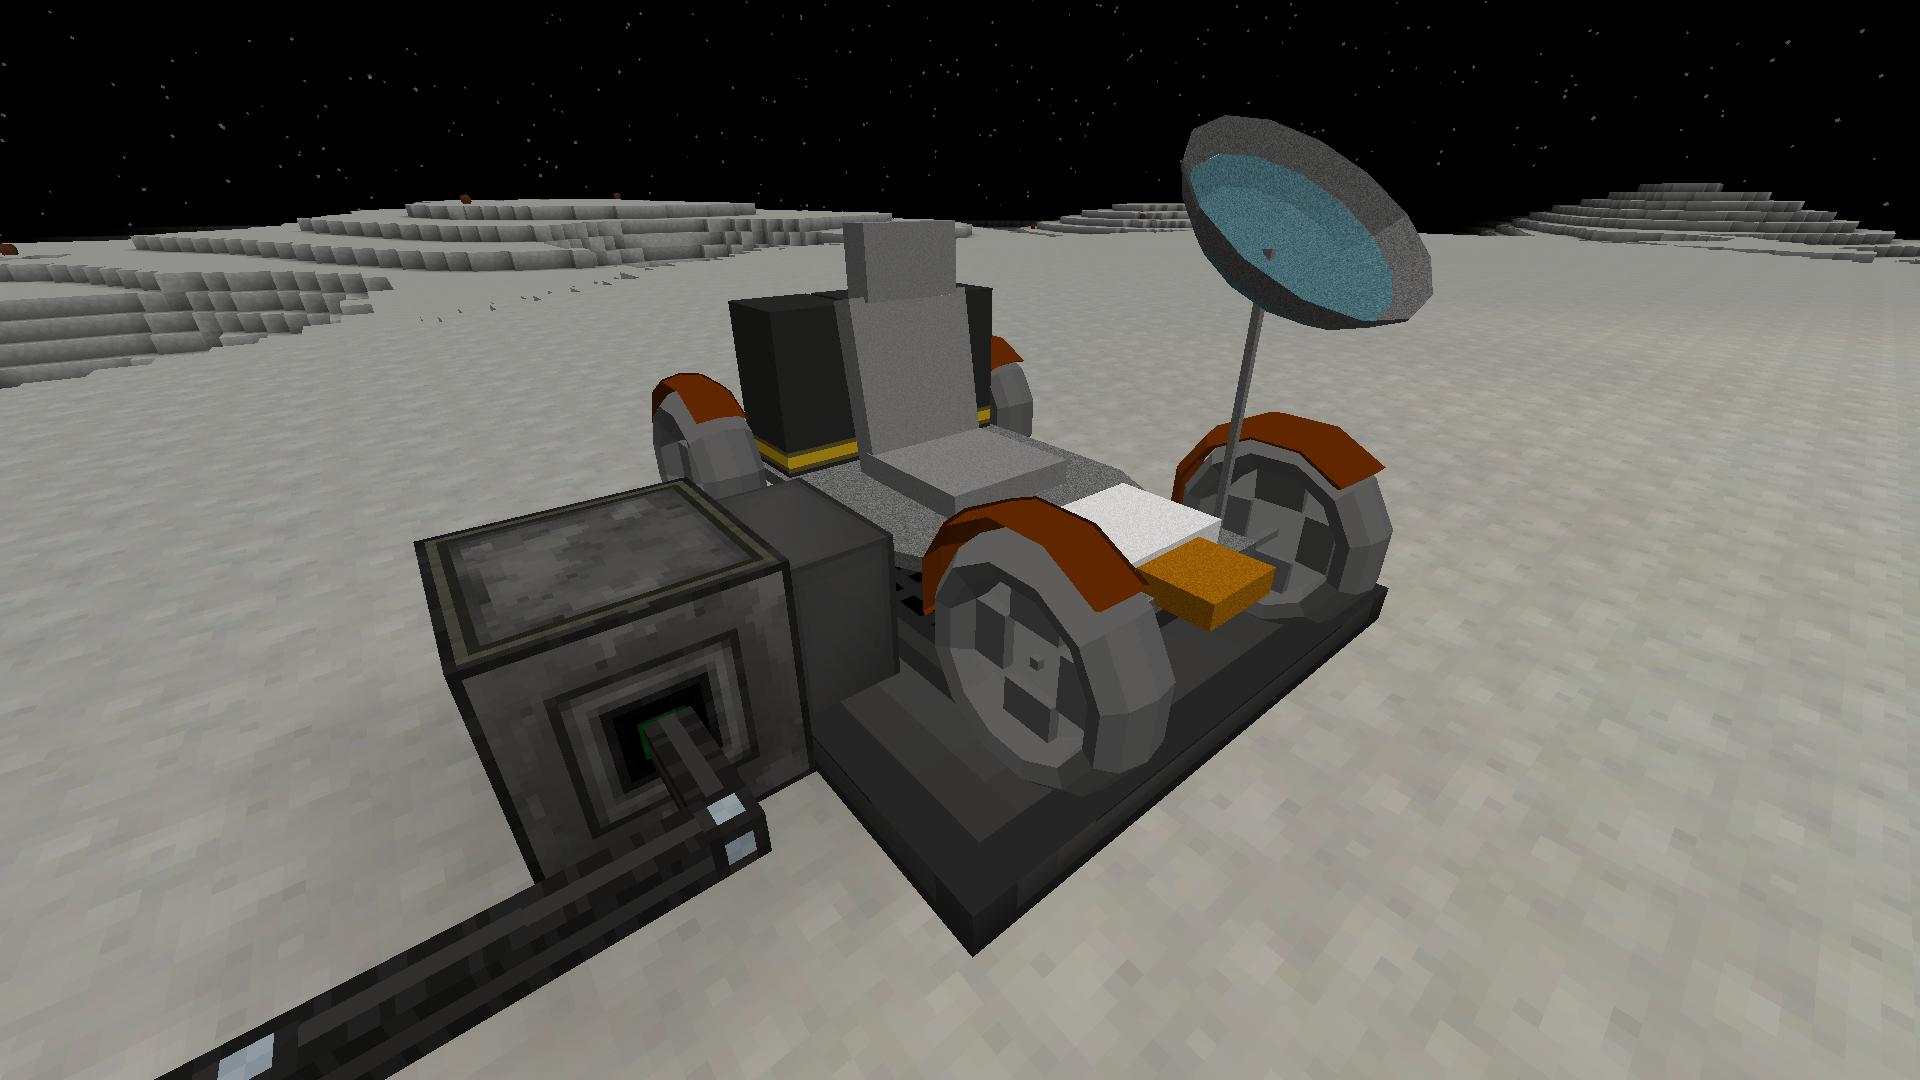 скачать мод на полет в космос для майнкрафт 1.7.10 #8